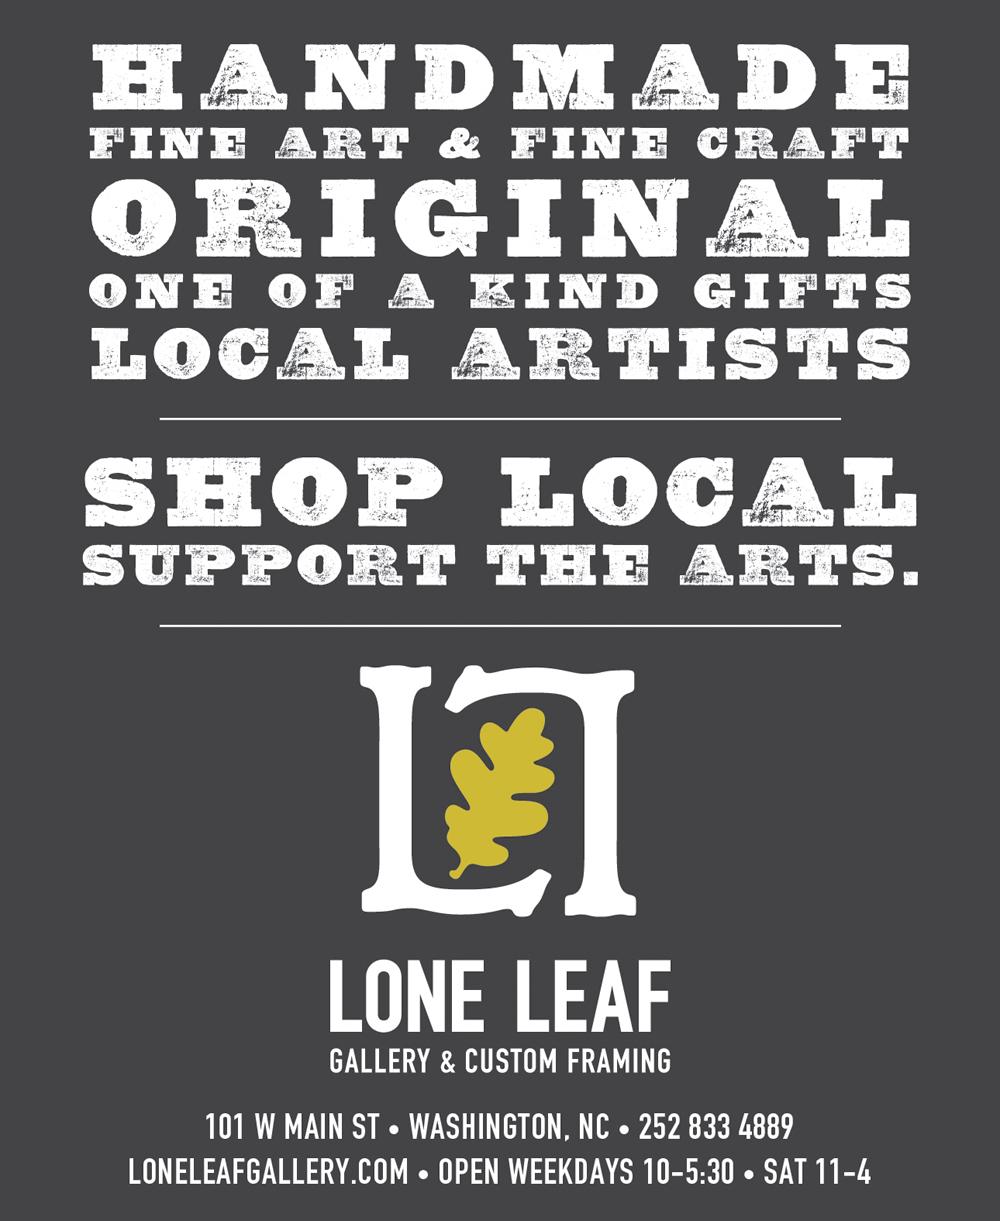 Lone Leaf Ad2.jpg